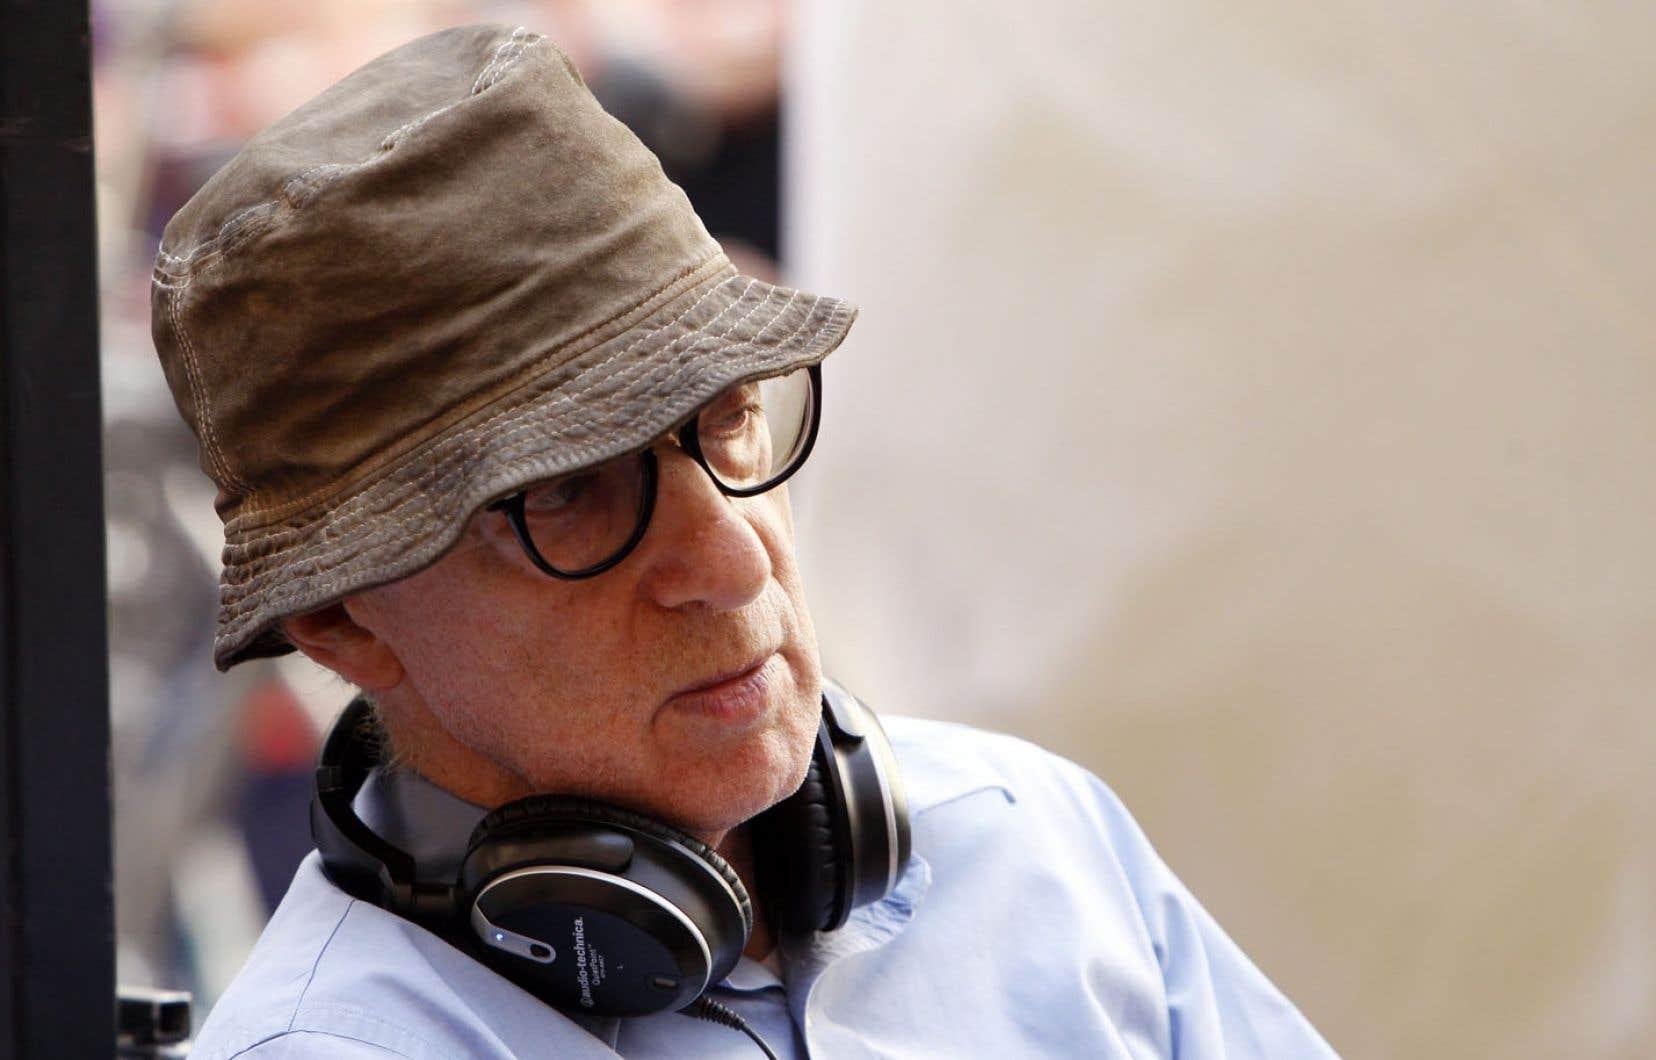 Après le scandale des accusations d'agression sexuelle en 1992, Woody Allen n'eut jamais de mal à garnir ses génériques.